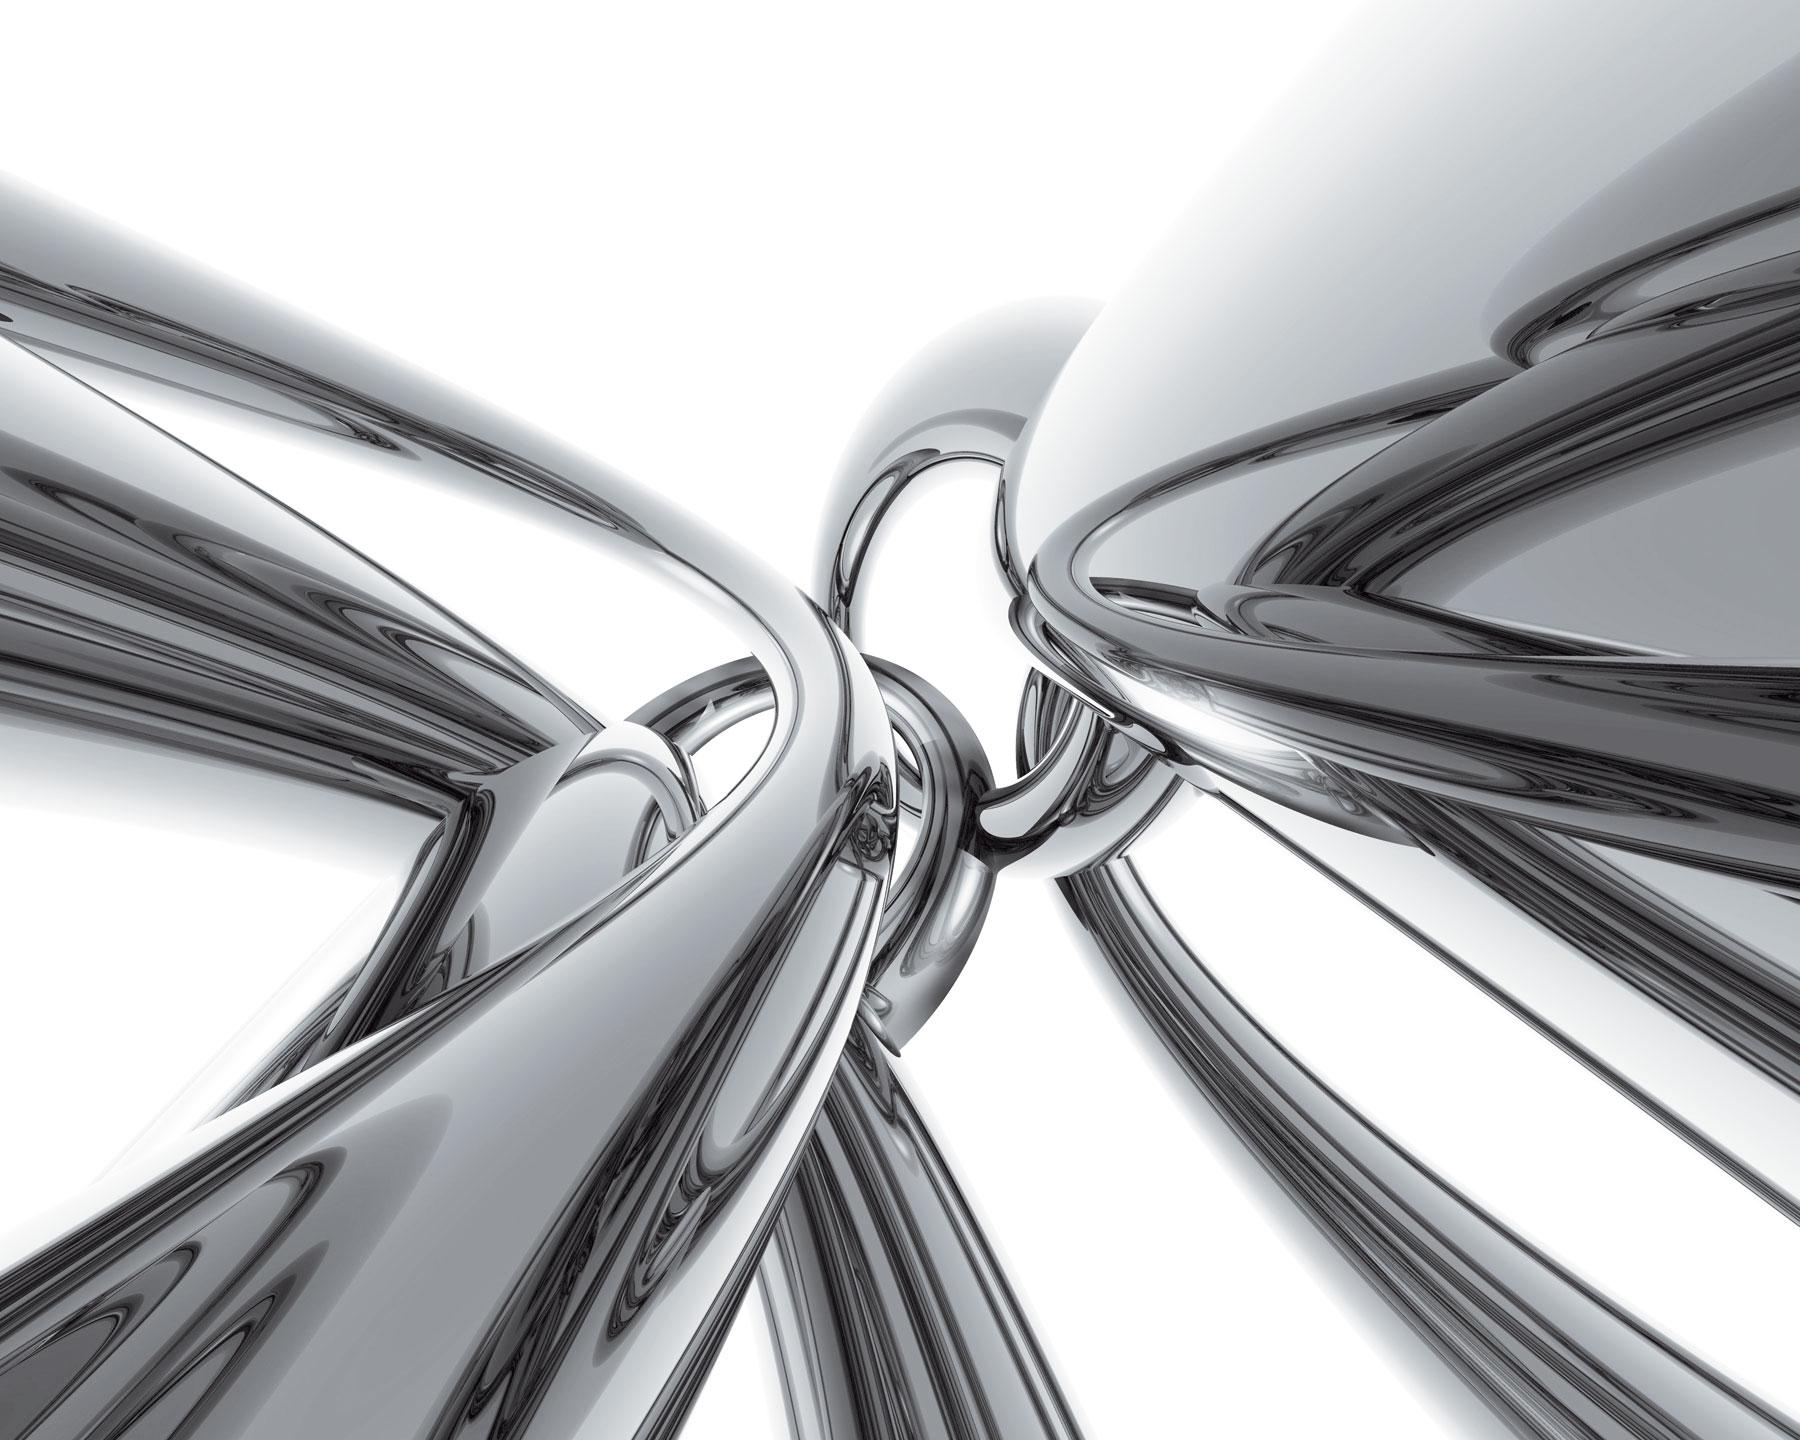 Collettori per impianti radianti in acciaio inox come for Scatolati in acciaio inox